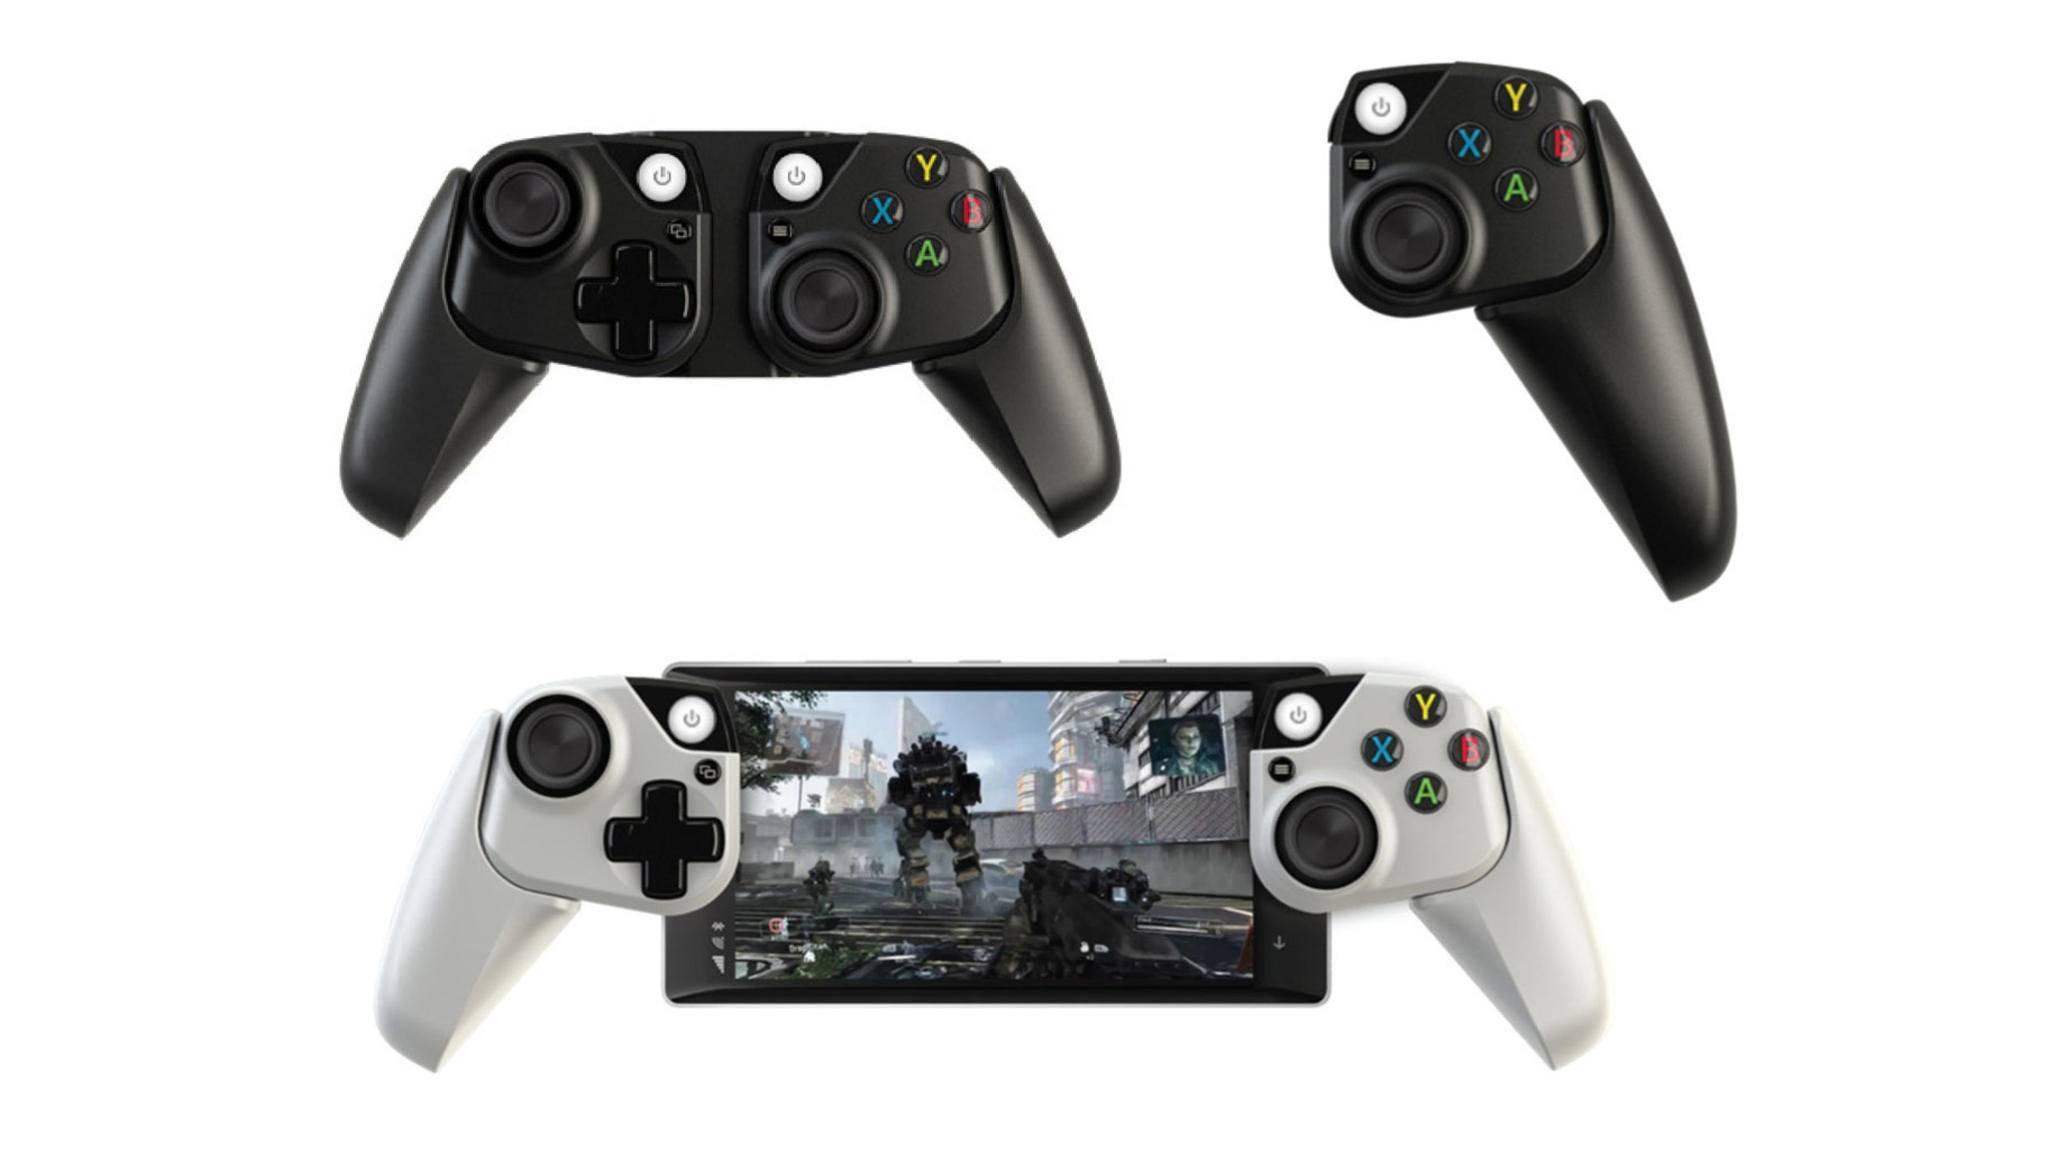 Wird Microsoft zum Start seines Game-Streamingdienstes auch einen speziellen Controller für Smartphones und Tablets veröffentlichen?